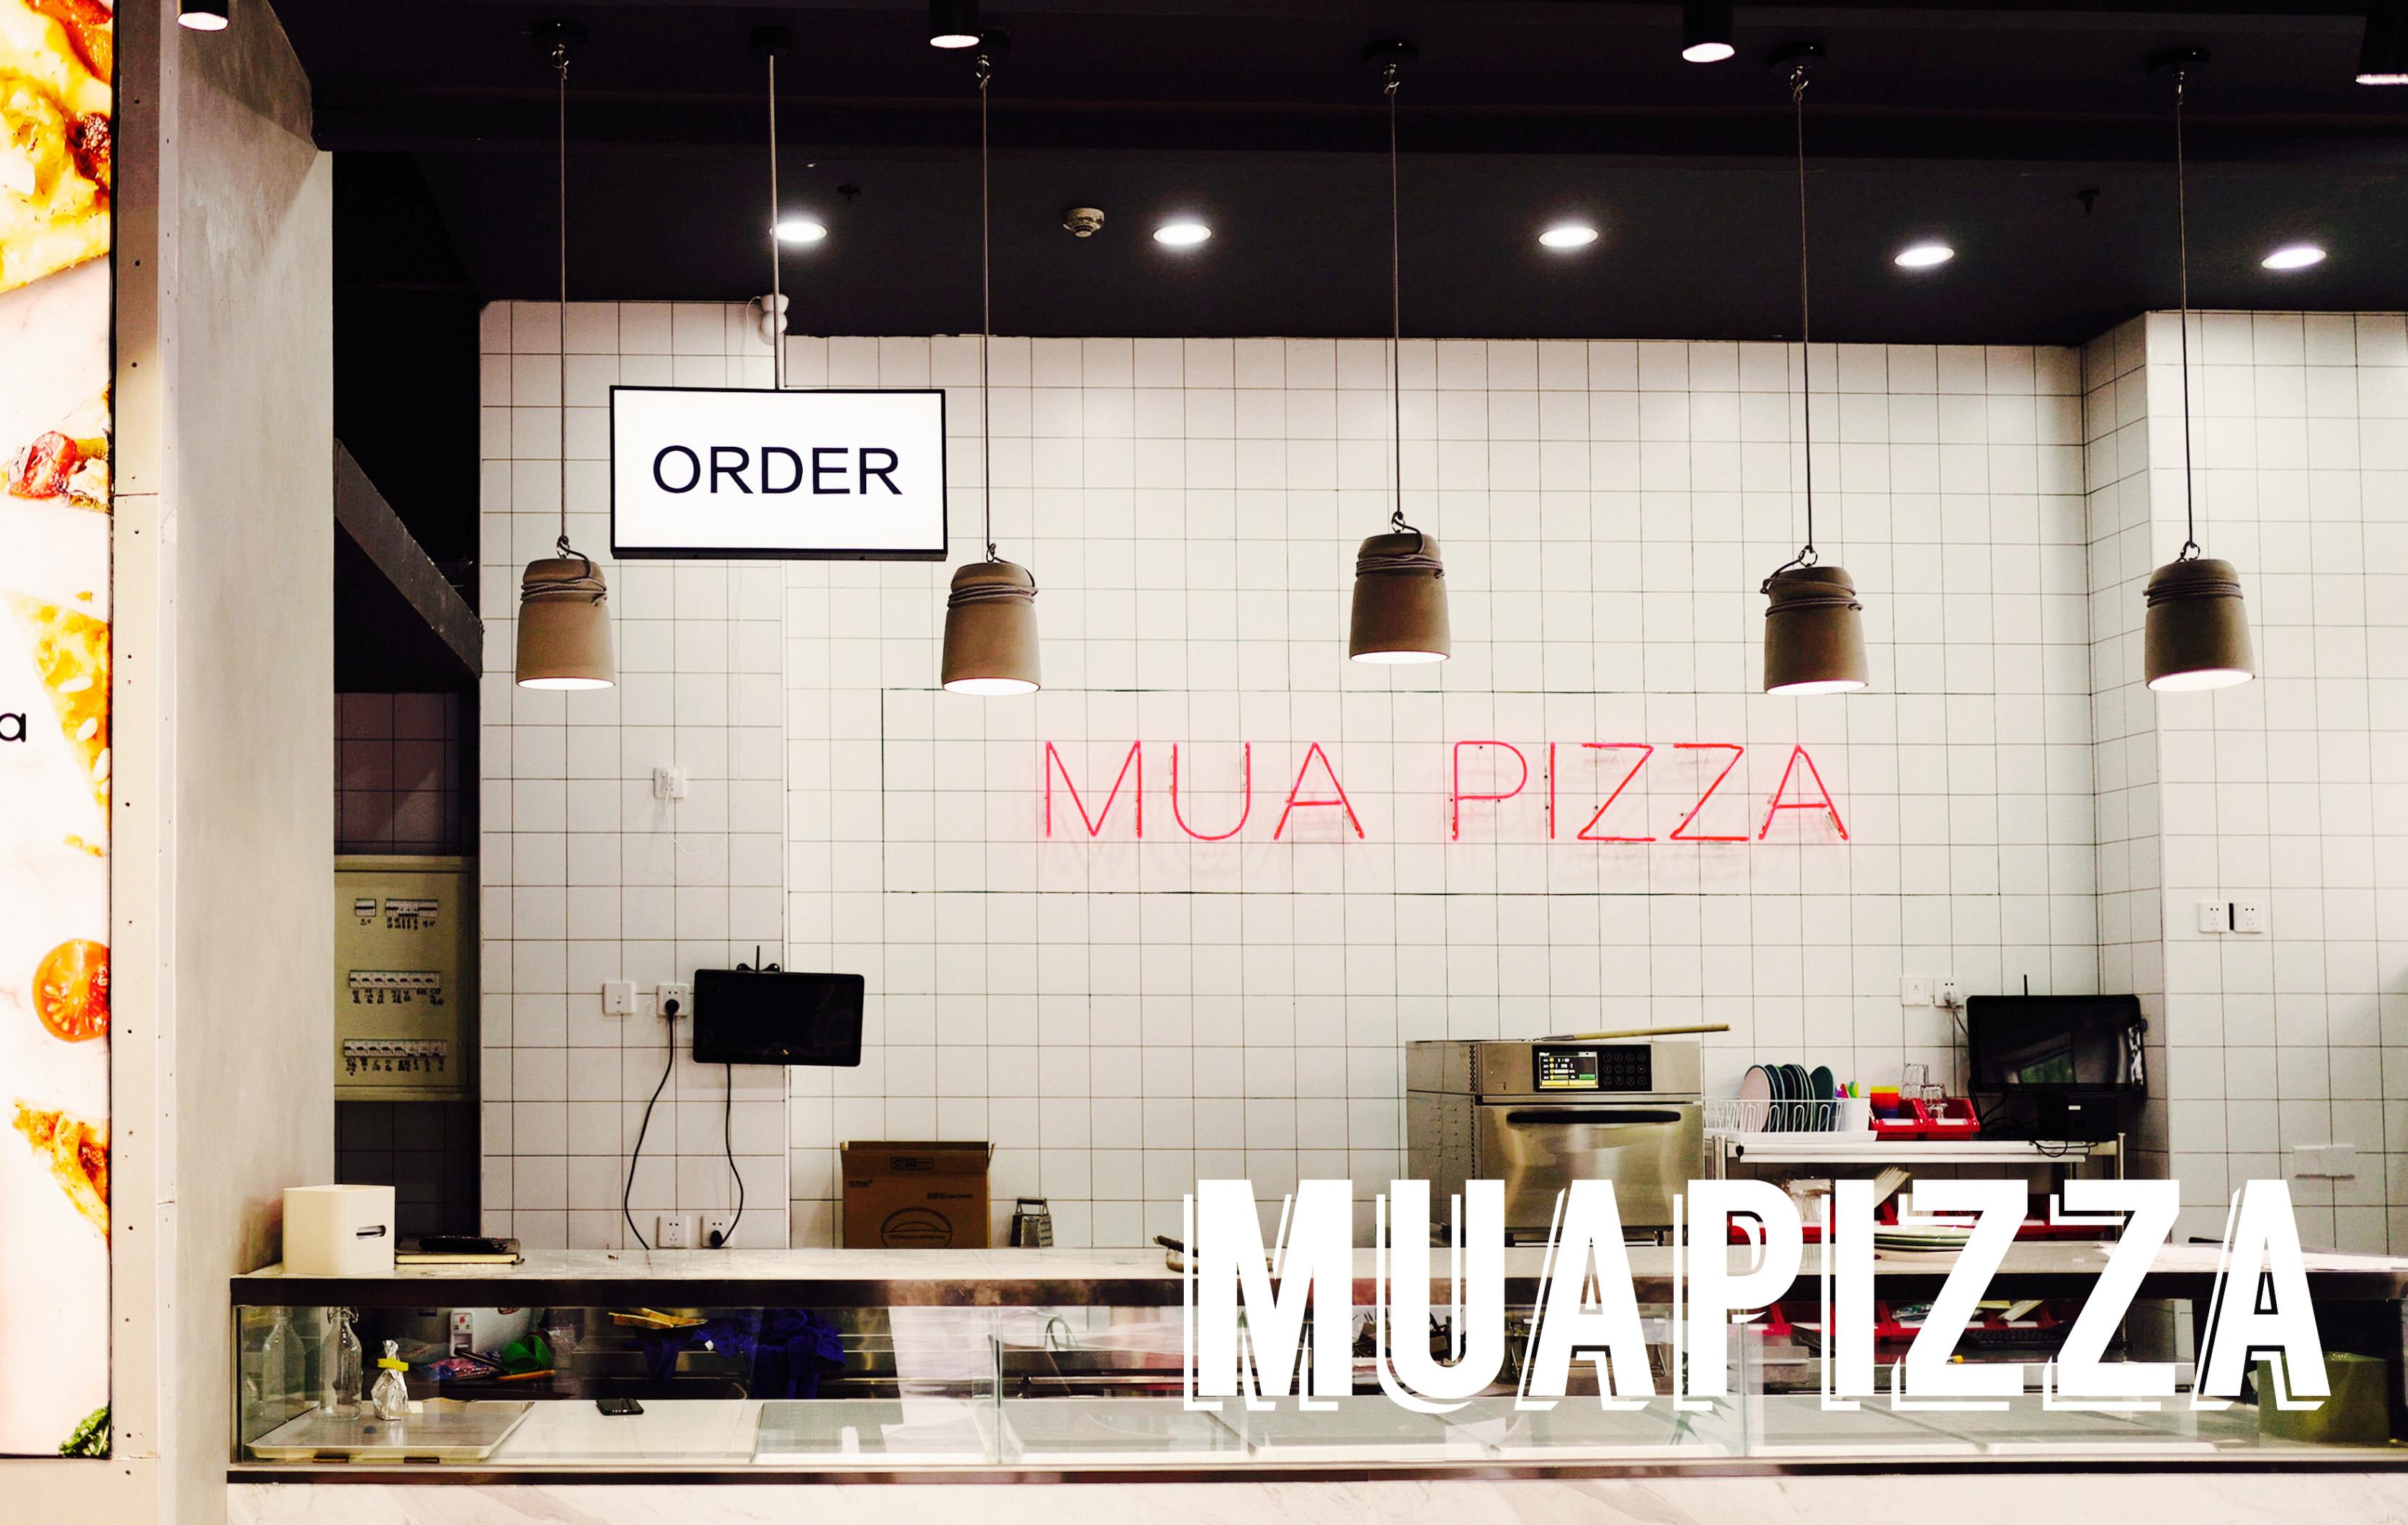 """披萨品类成""""吸金王"""",这头黑马如何3个月开出100家门店?"""